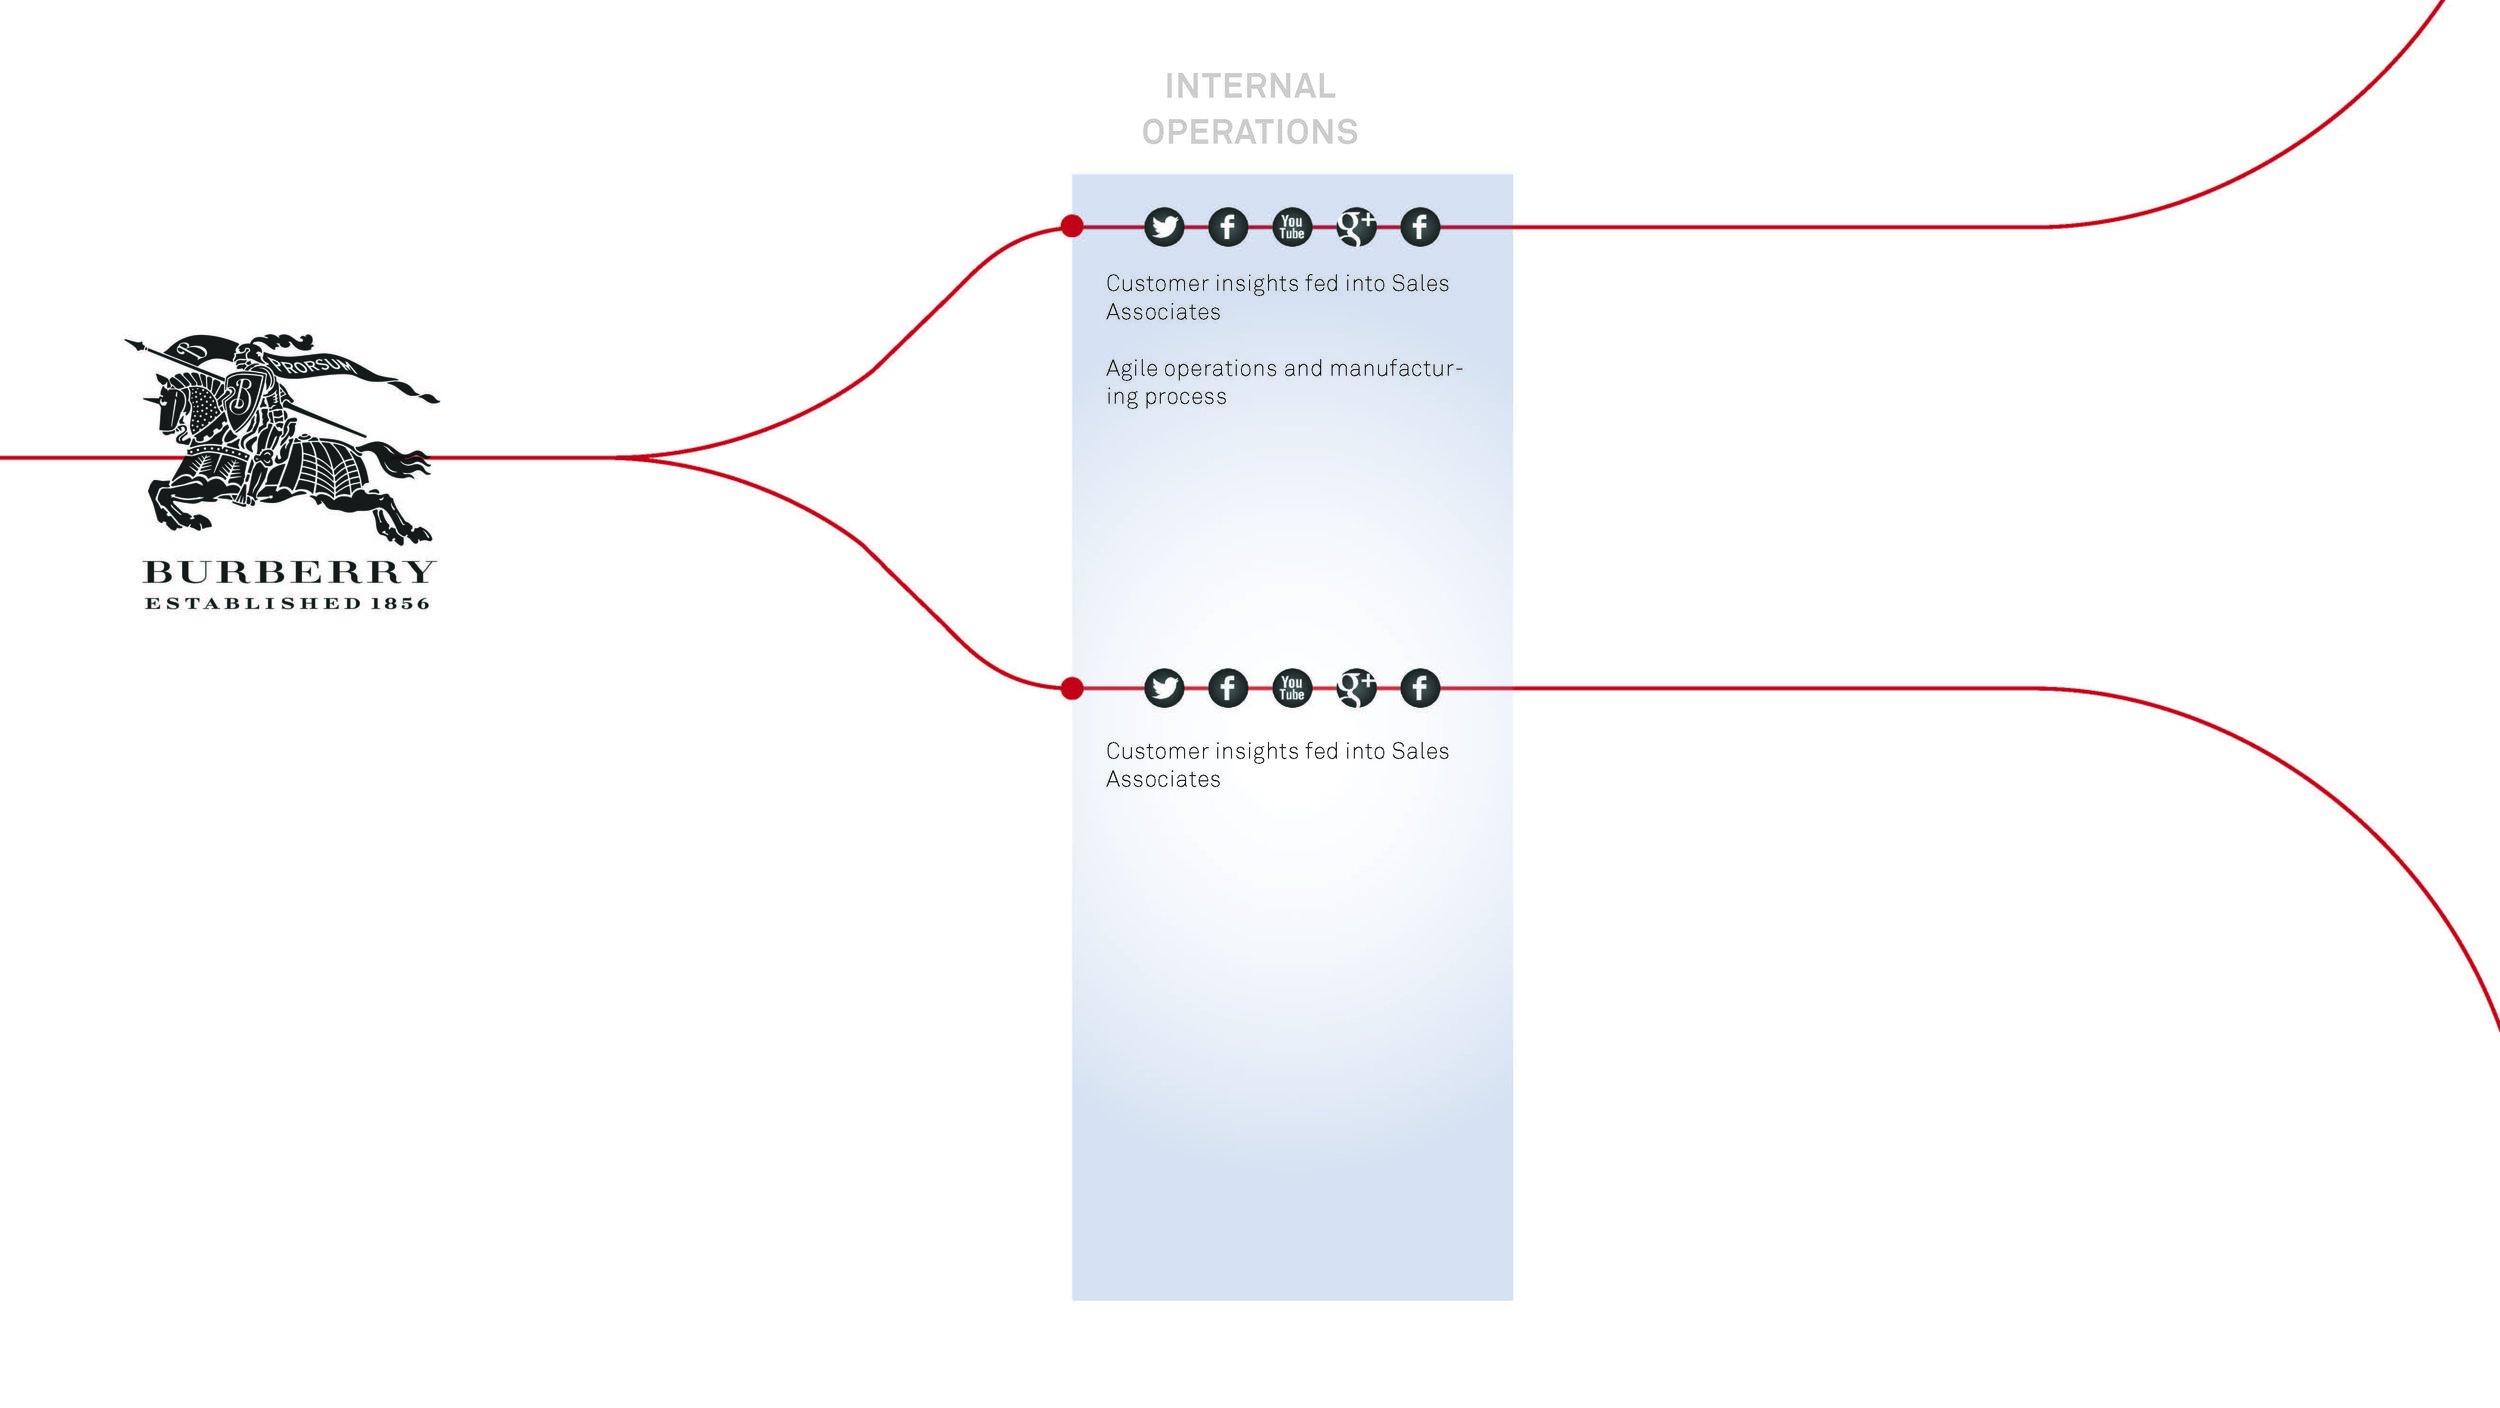 burberry_diagram2_loop copy_Page_4.jpg